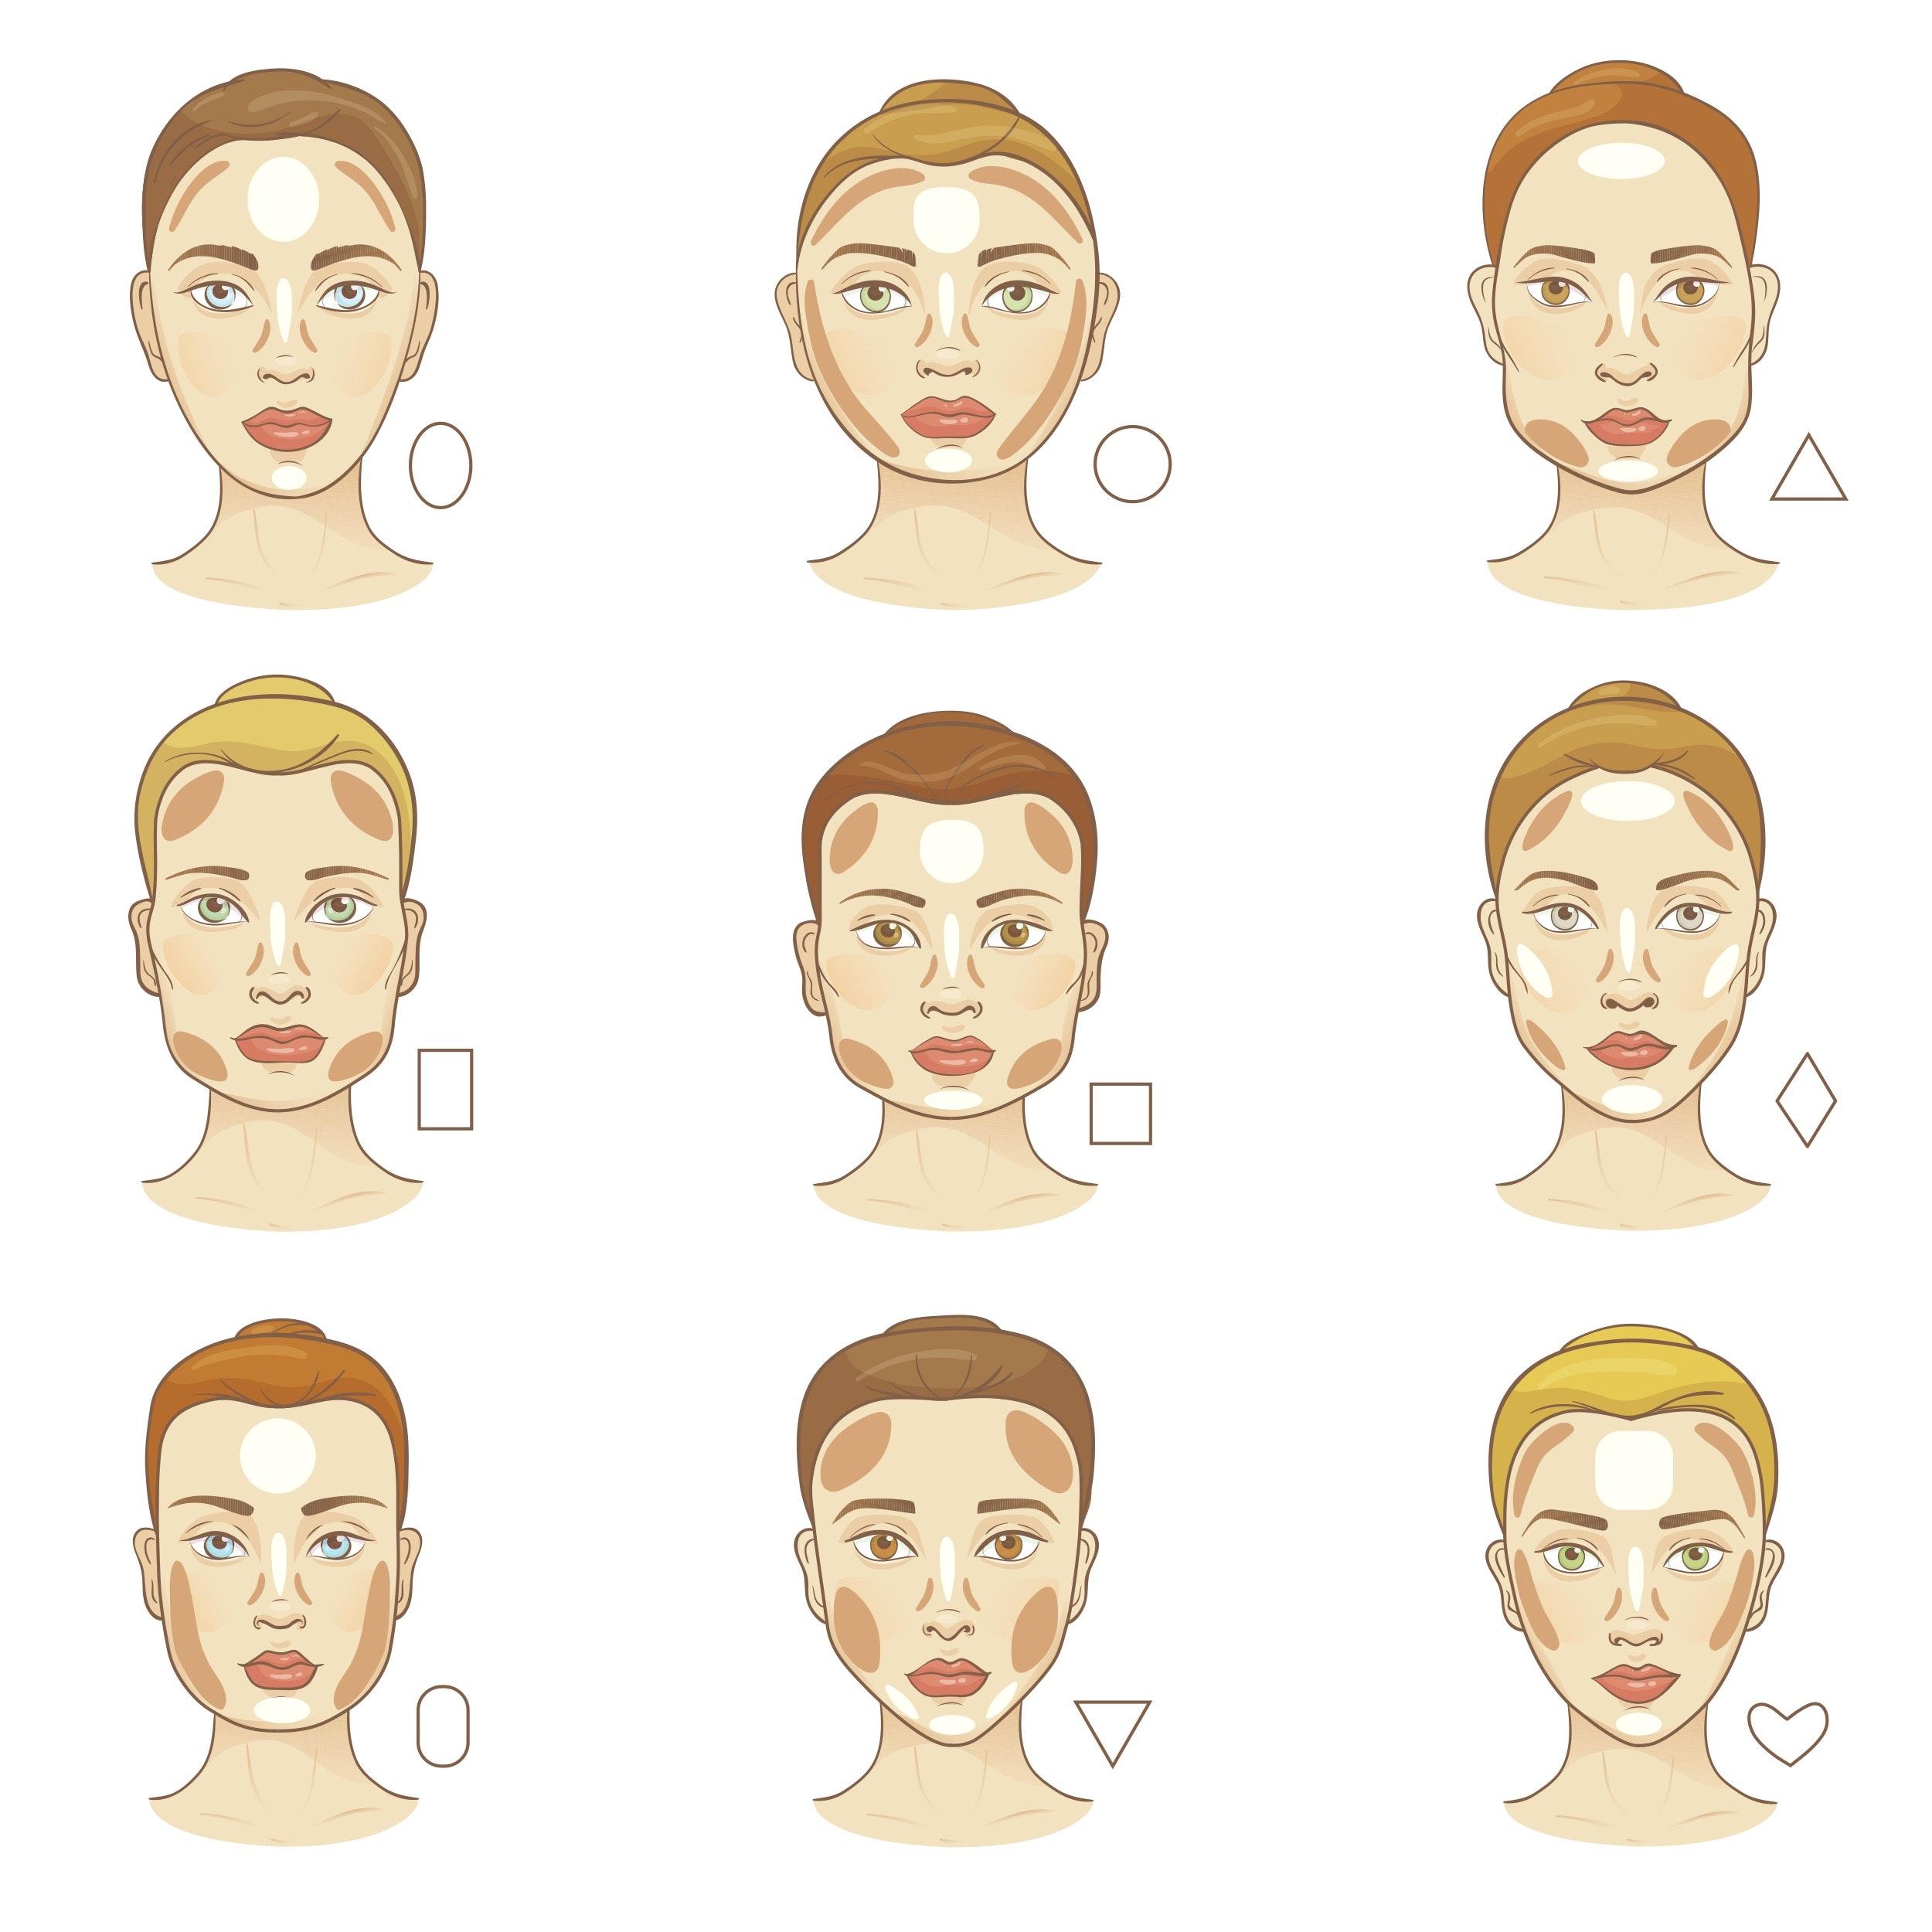 ansigtsformer og frisurer